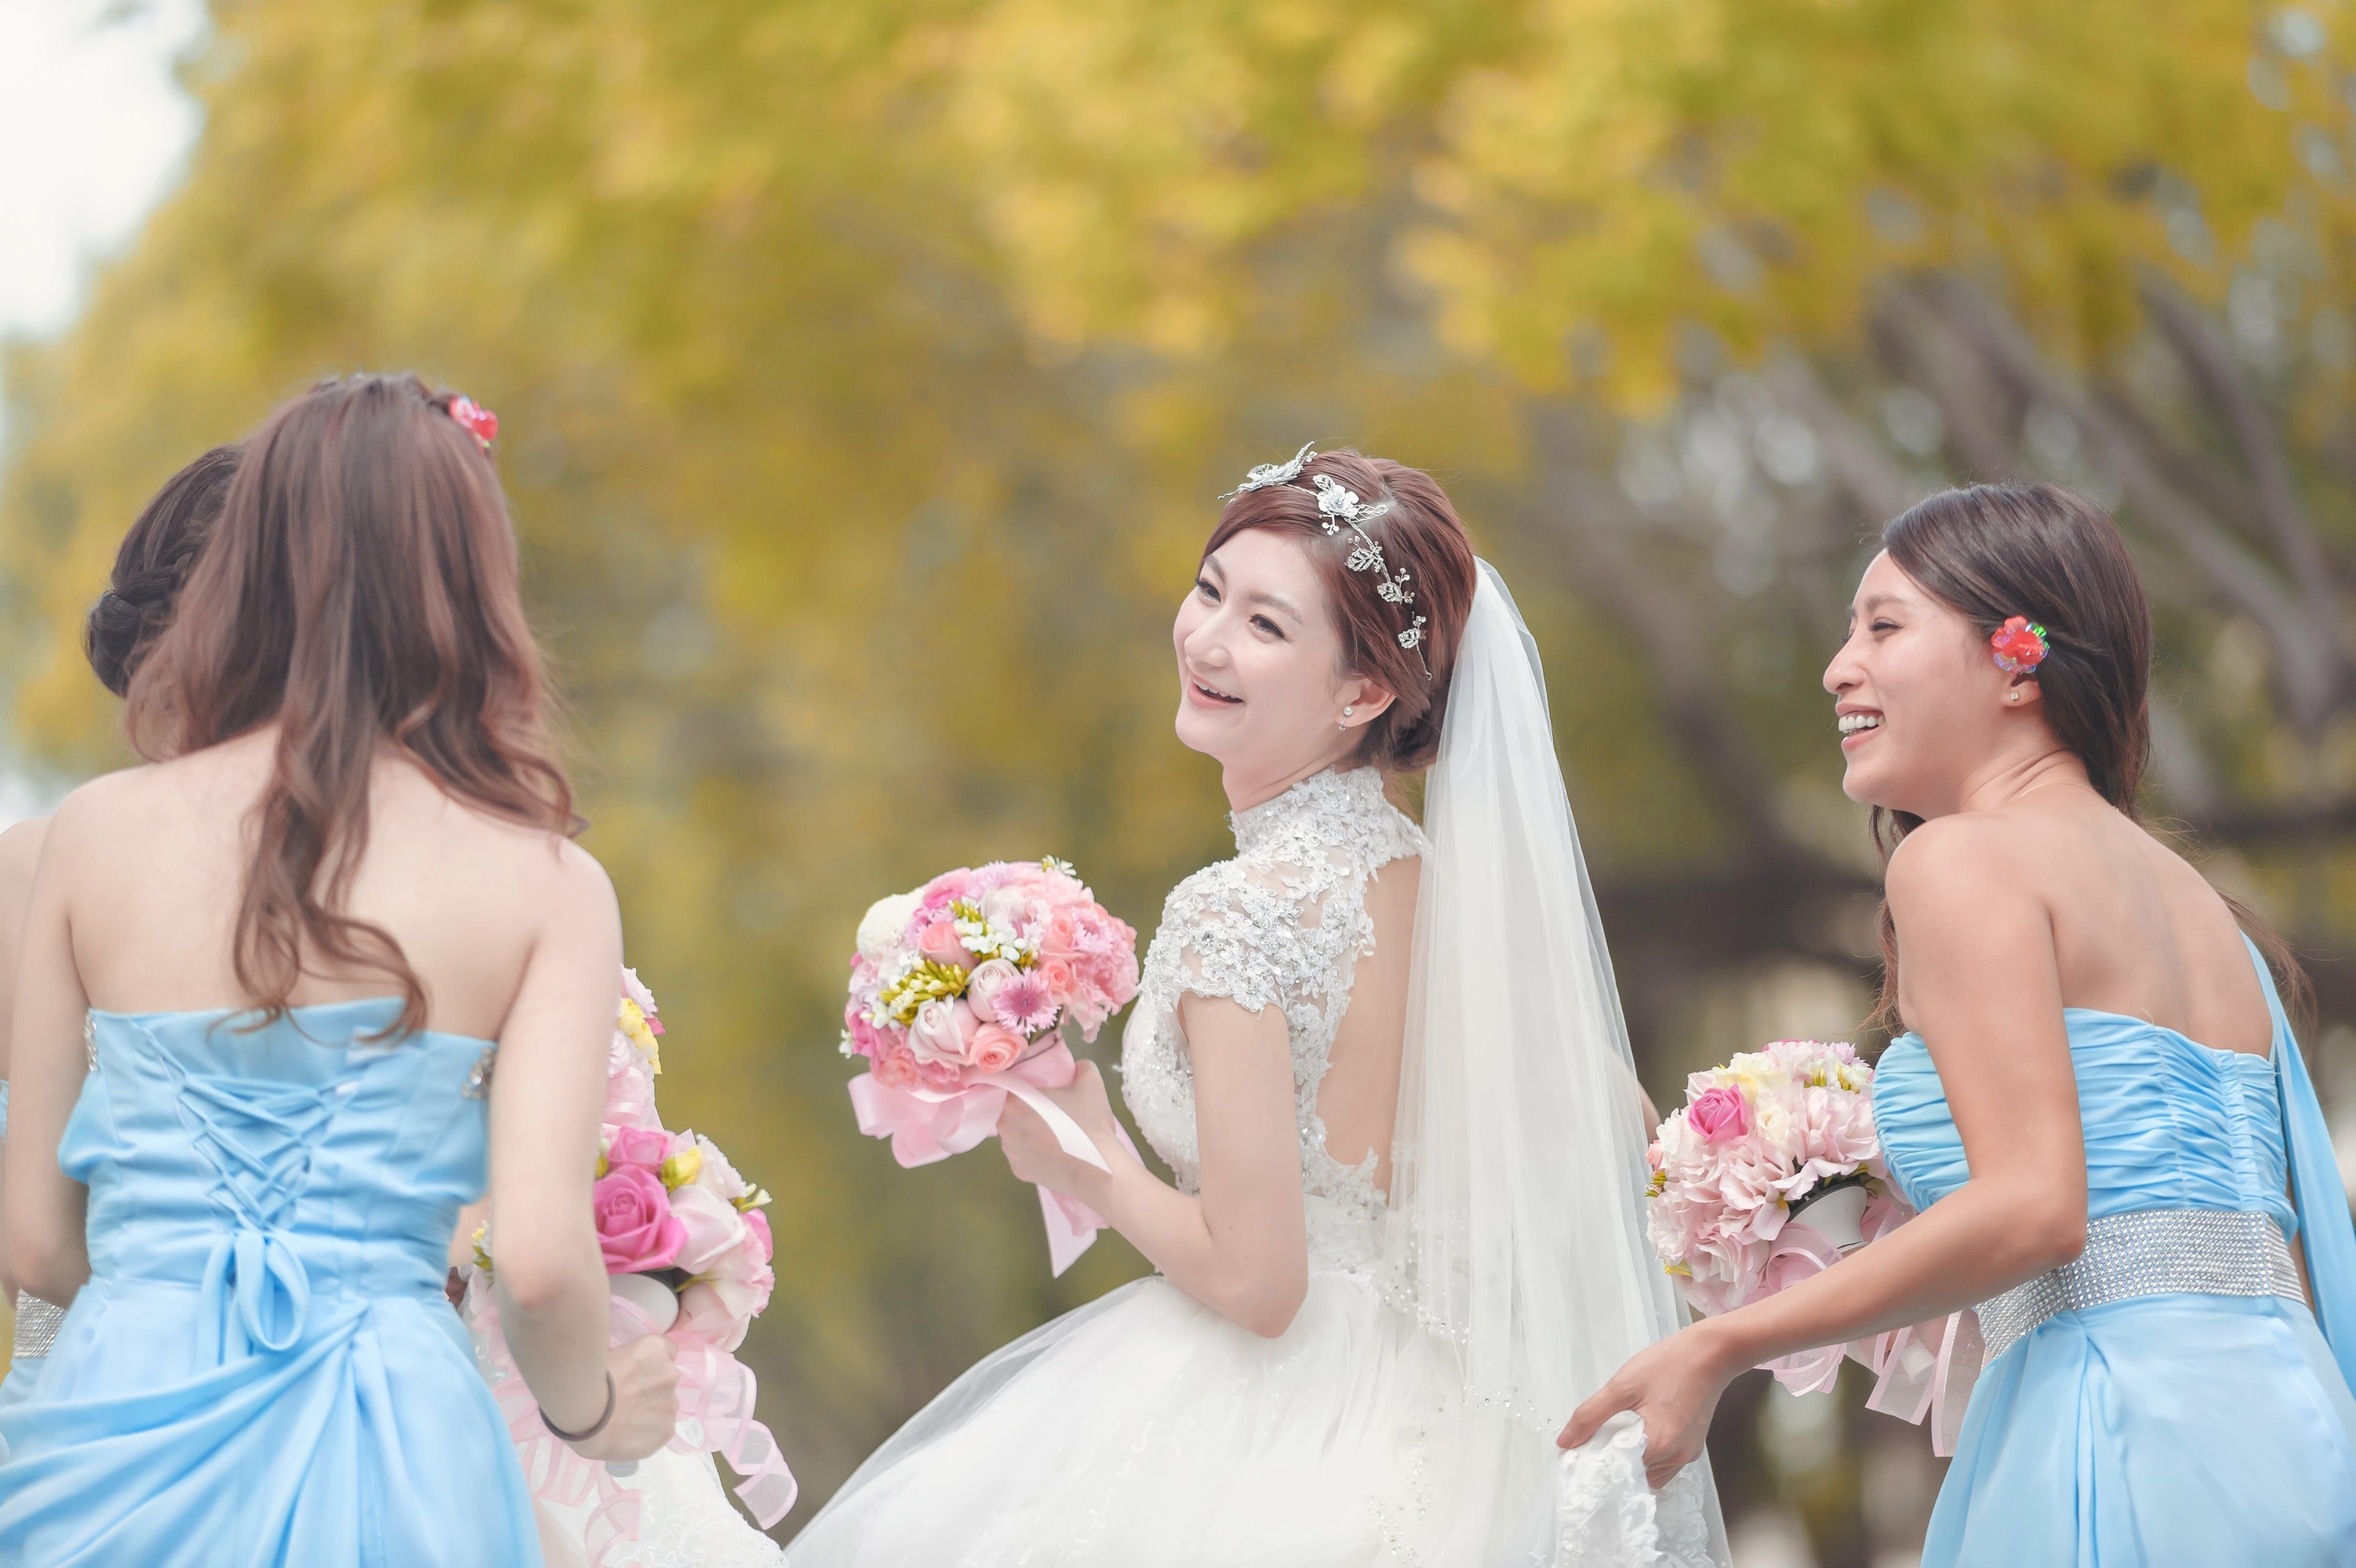 婚禮紀錄 - 台中裕元花園酒店